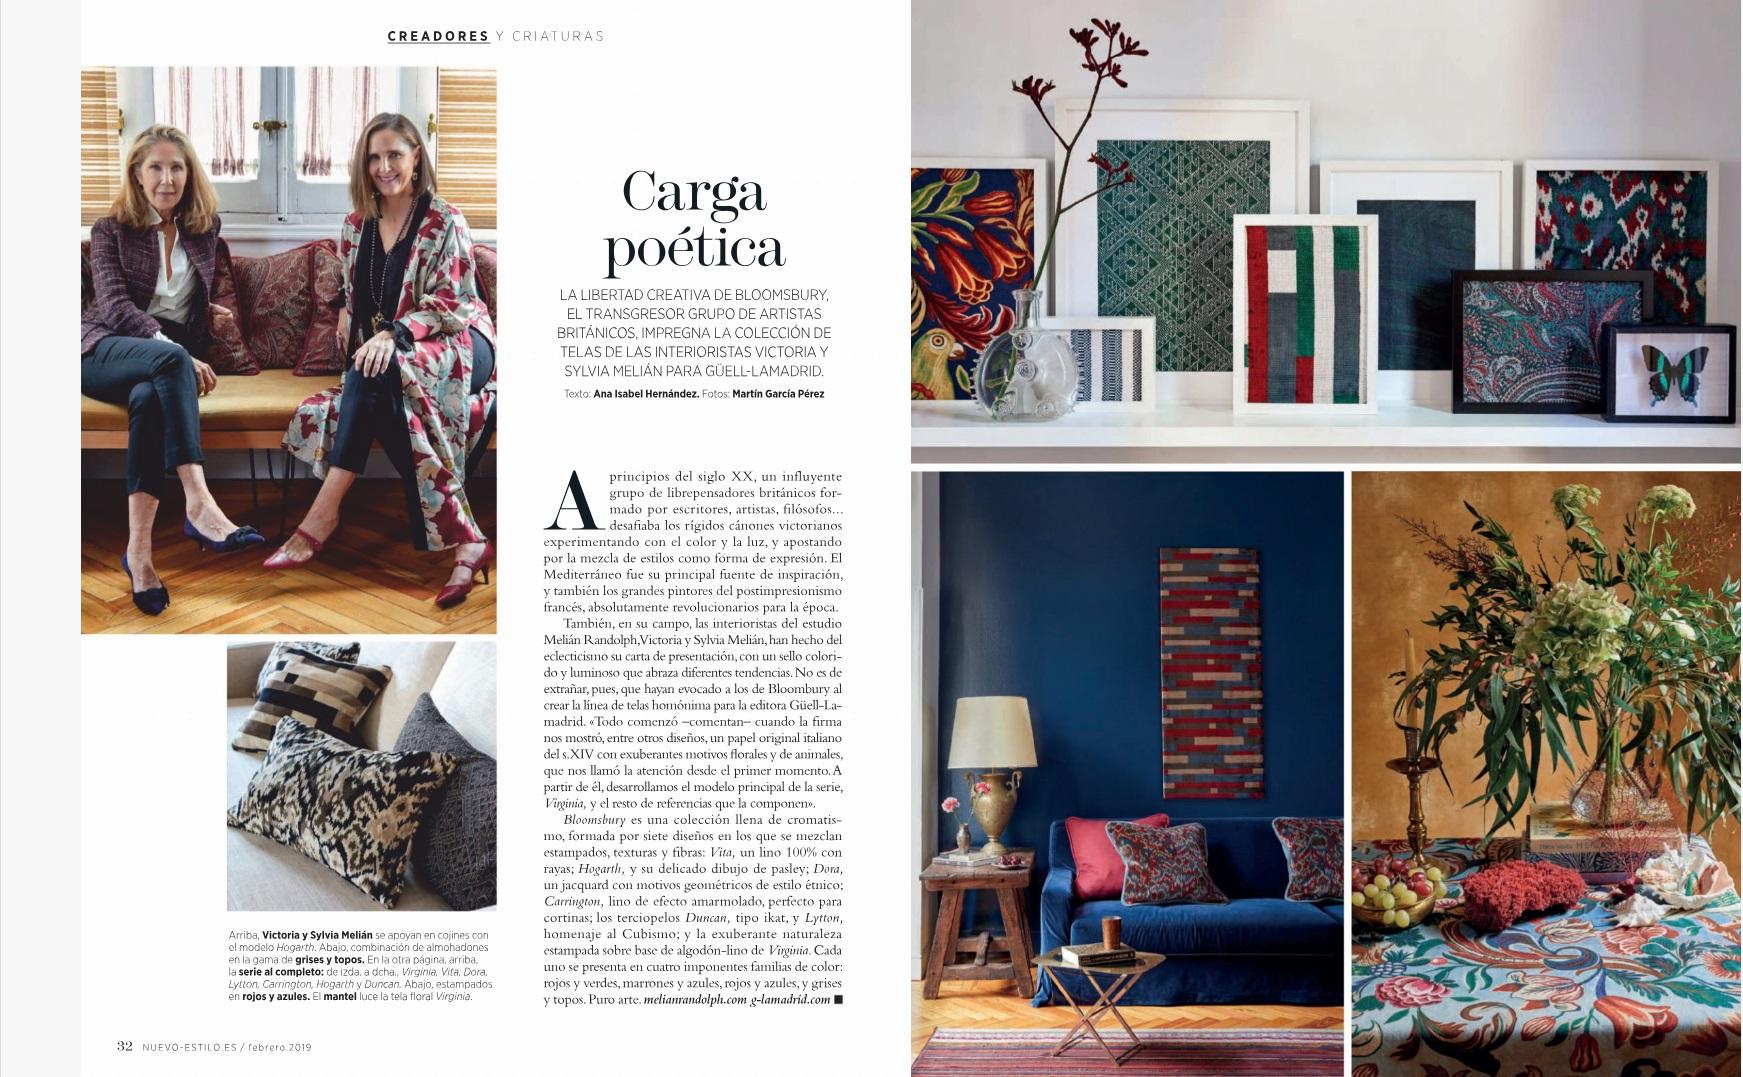 nuevo-estilo_guell-lamadrid_telas_coleccion-bloomsbury_febrero-2019_interiores-paginas